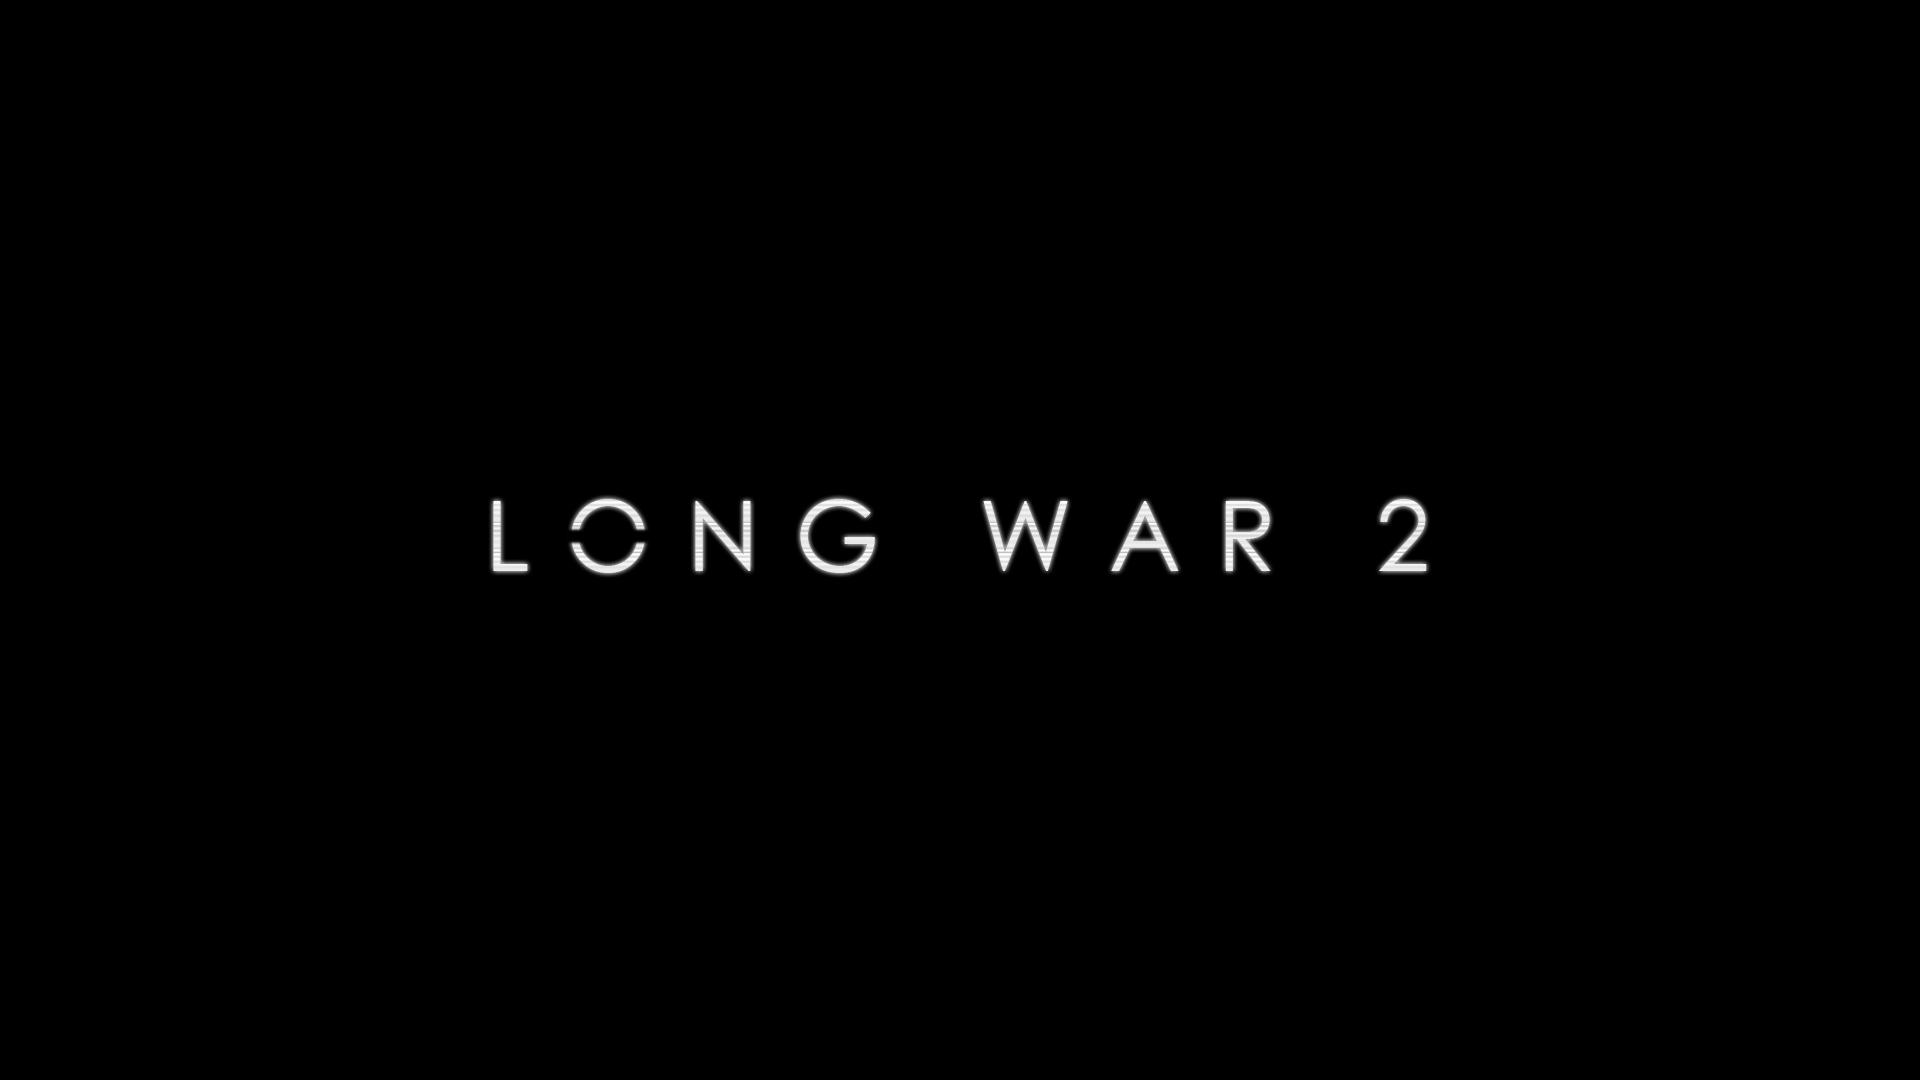 Bild von Long War 2-Mod für XCOM 2 ab sofort verfügbar